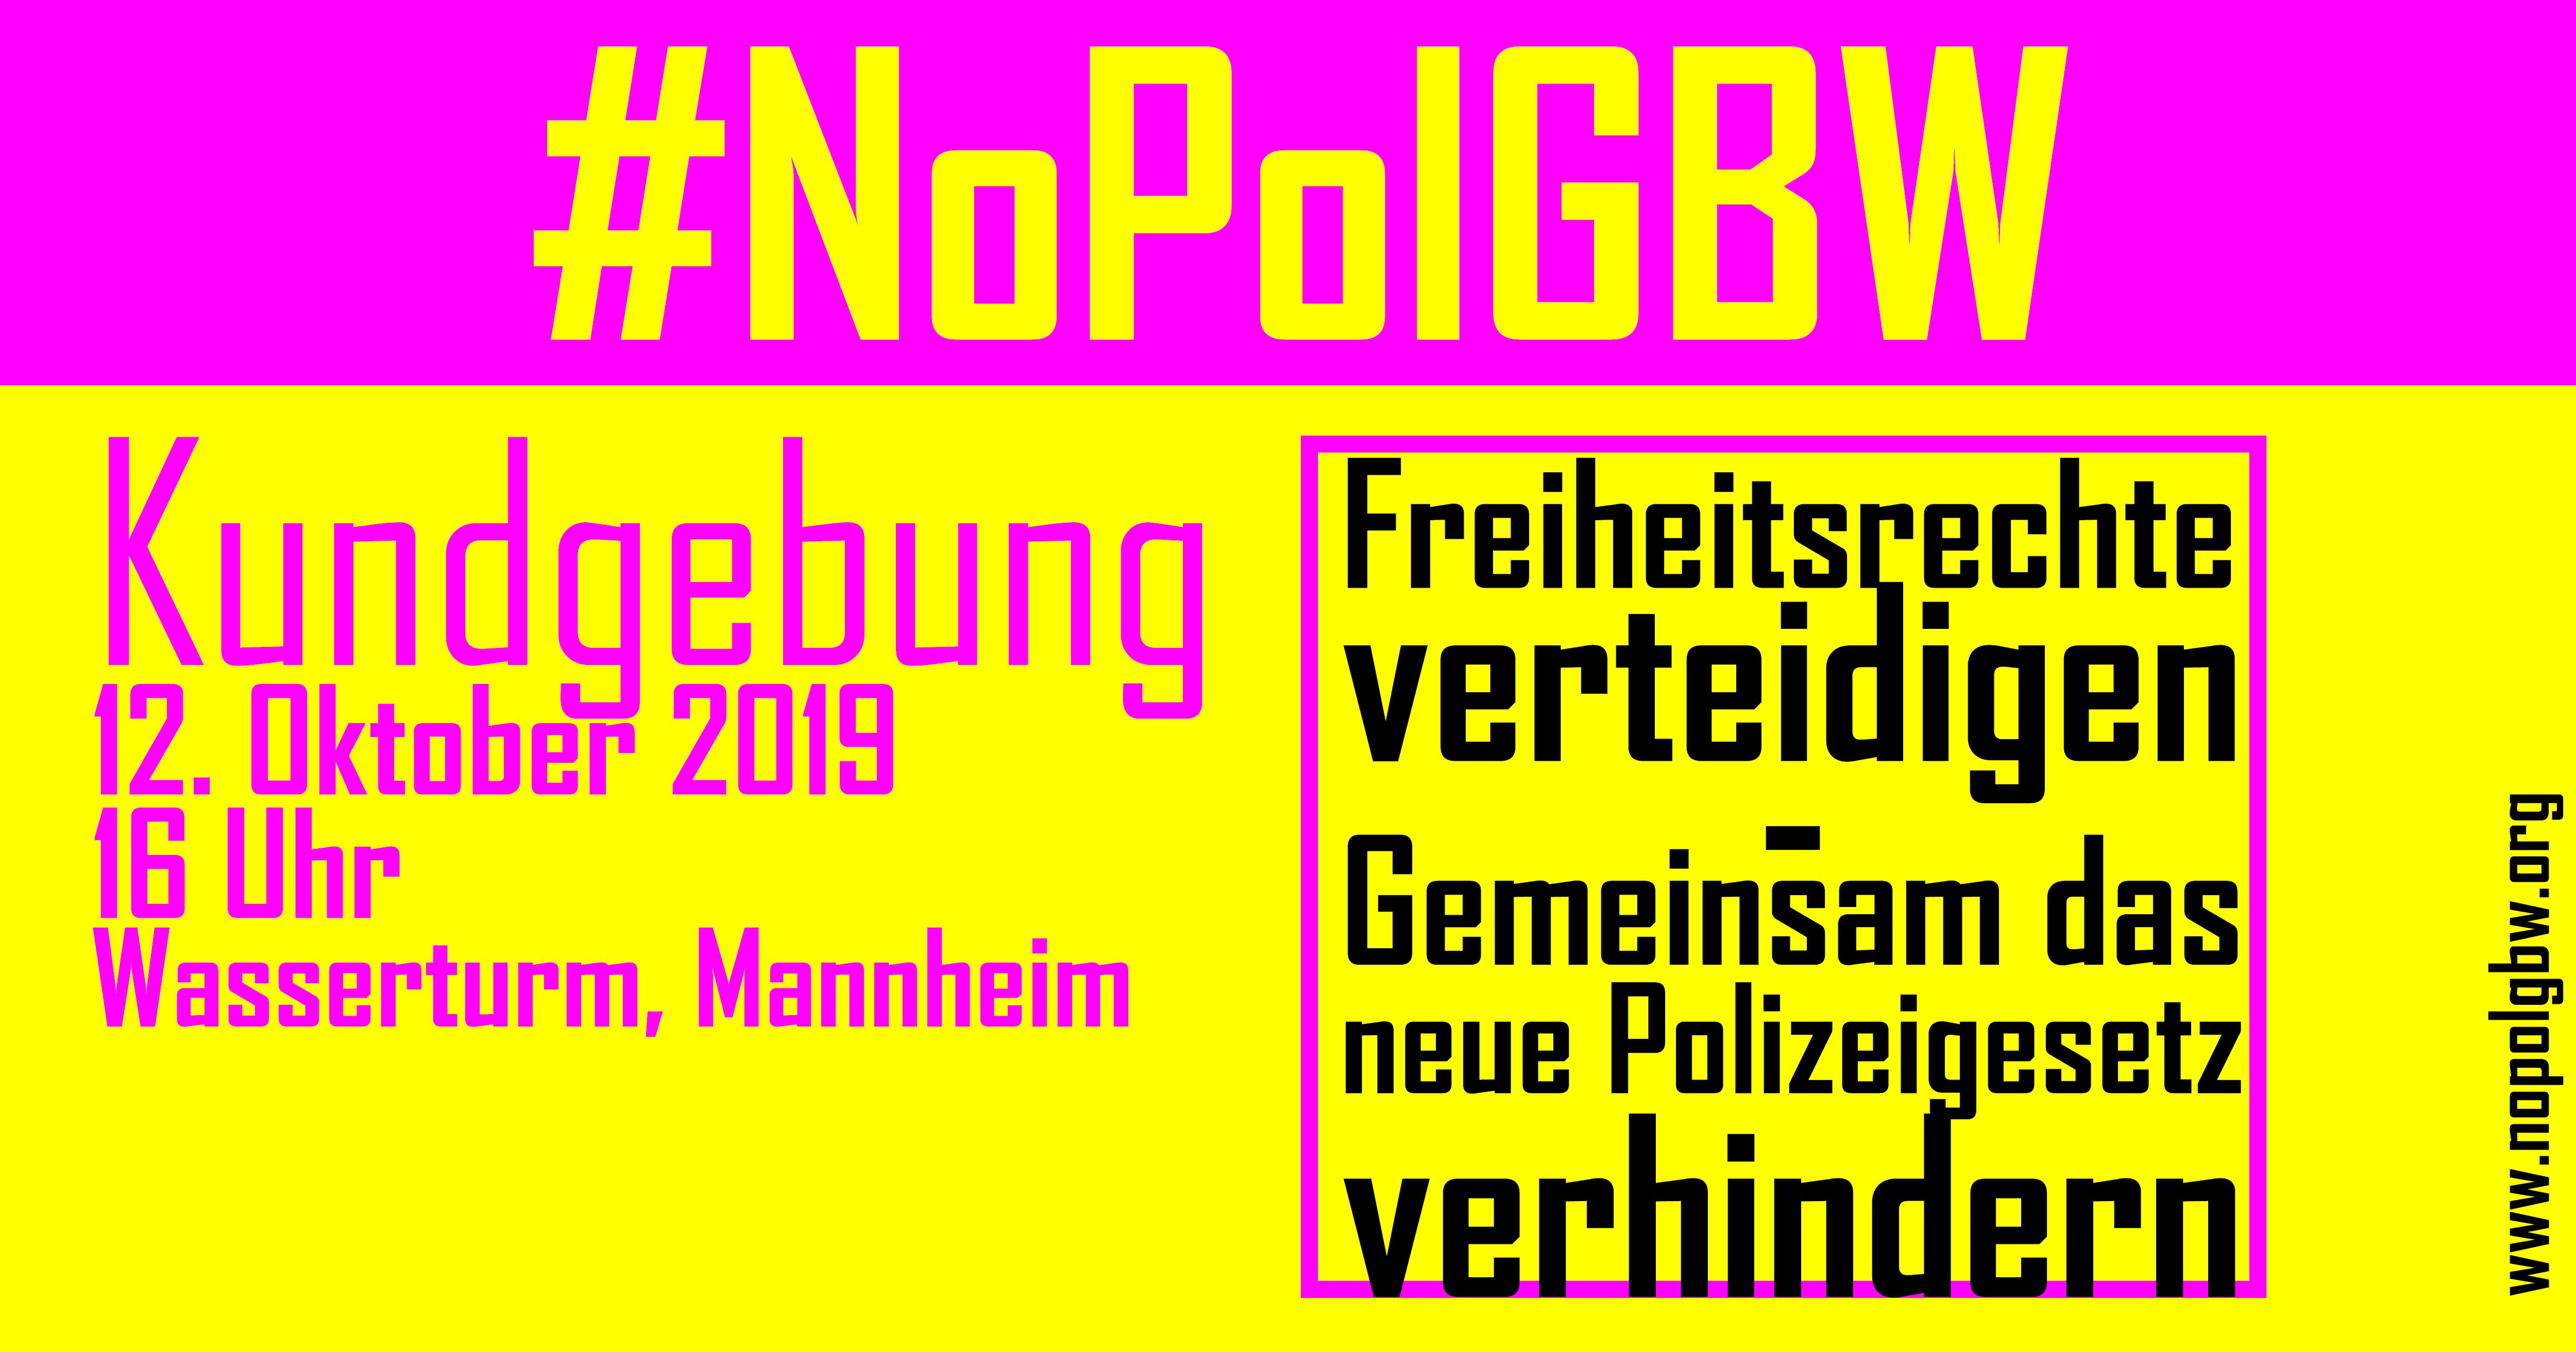 nopolgBW Kundgebung Mannheim